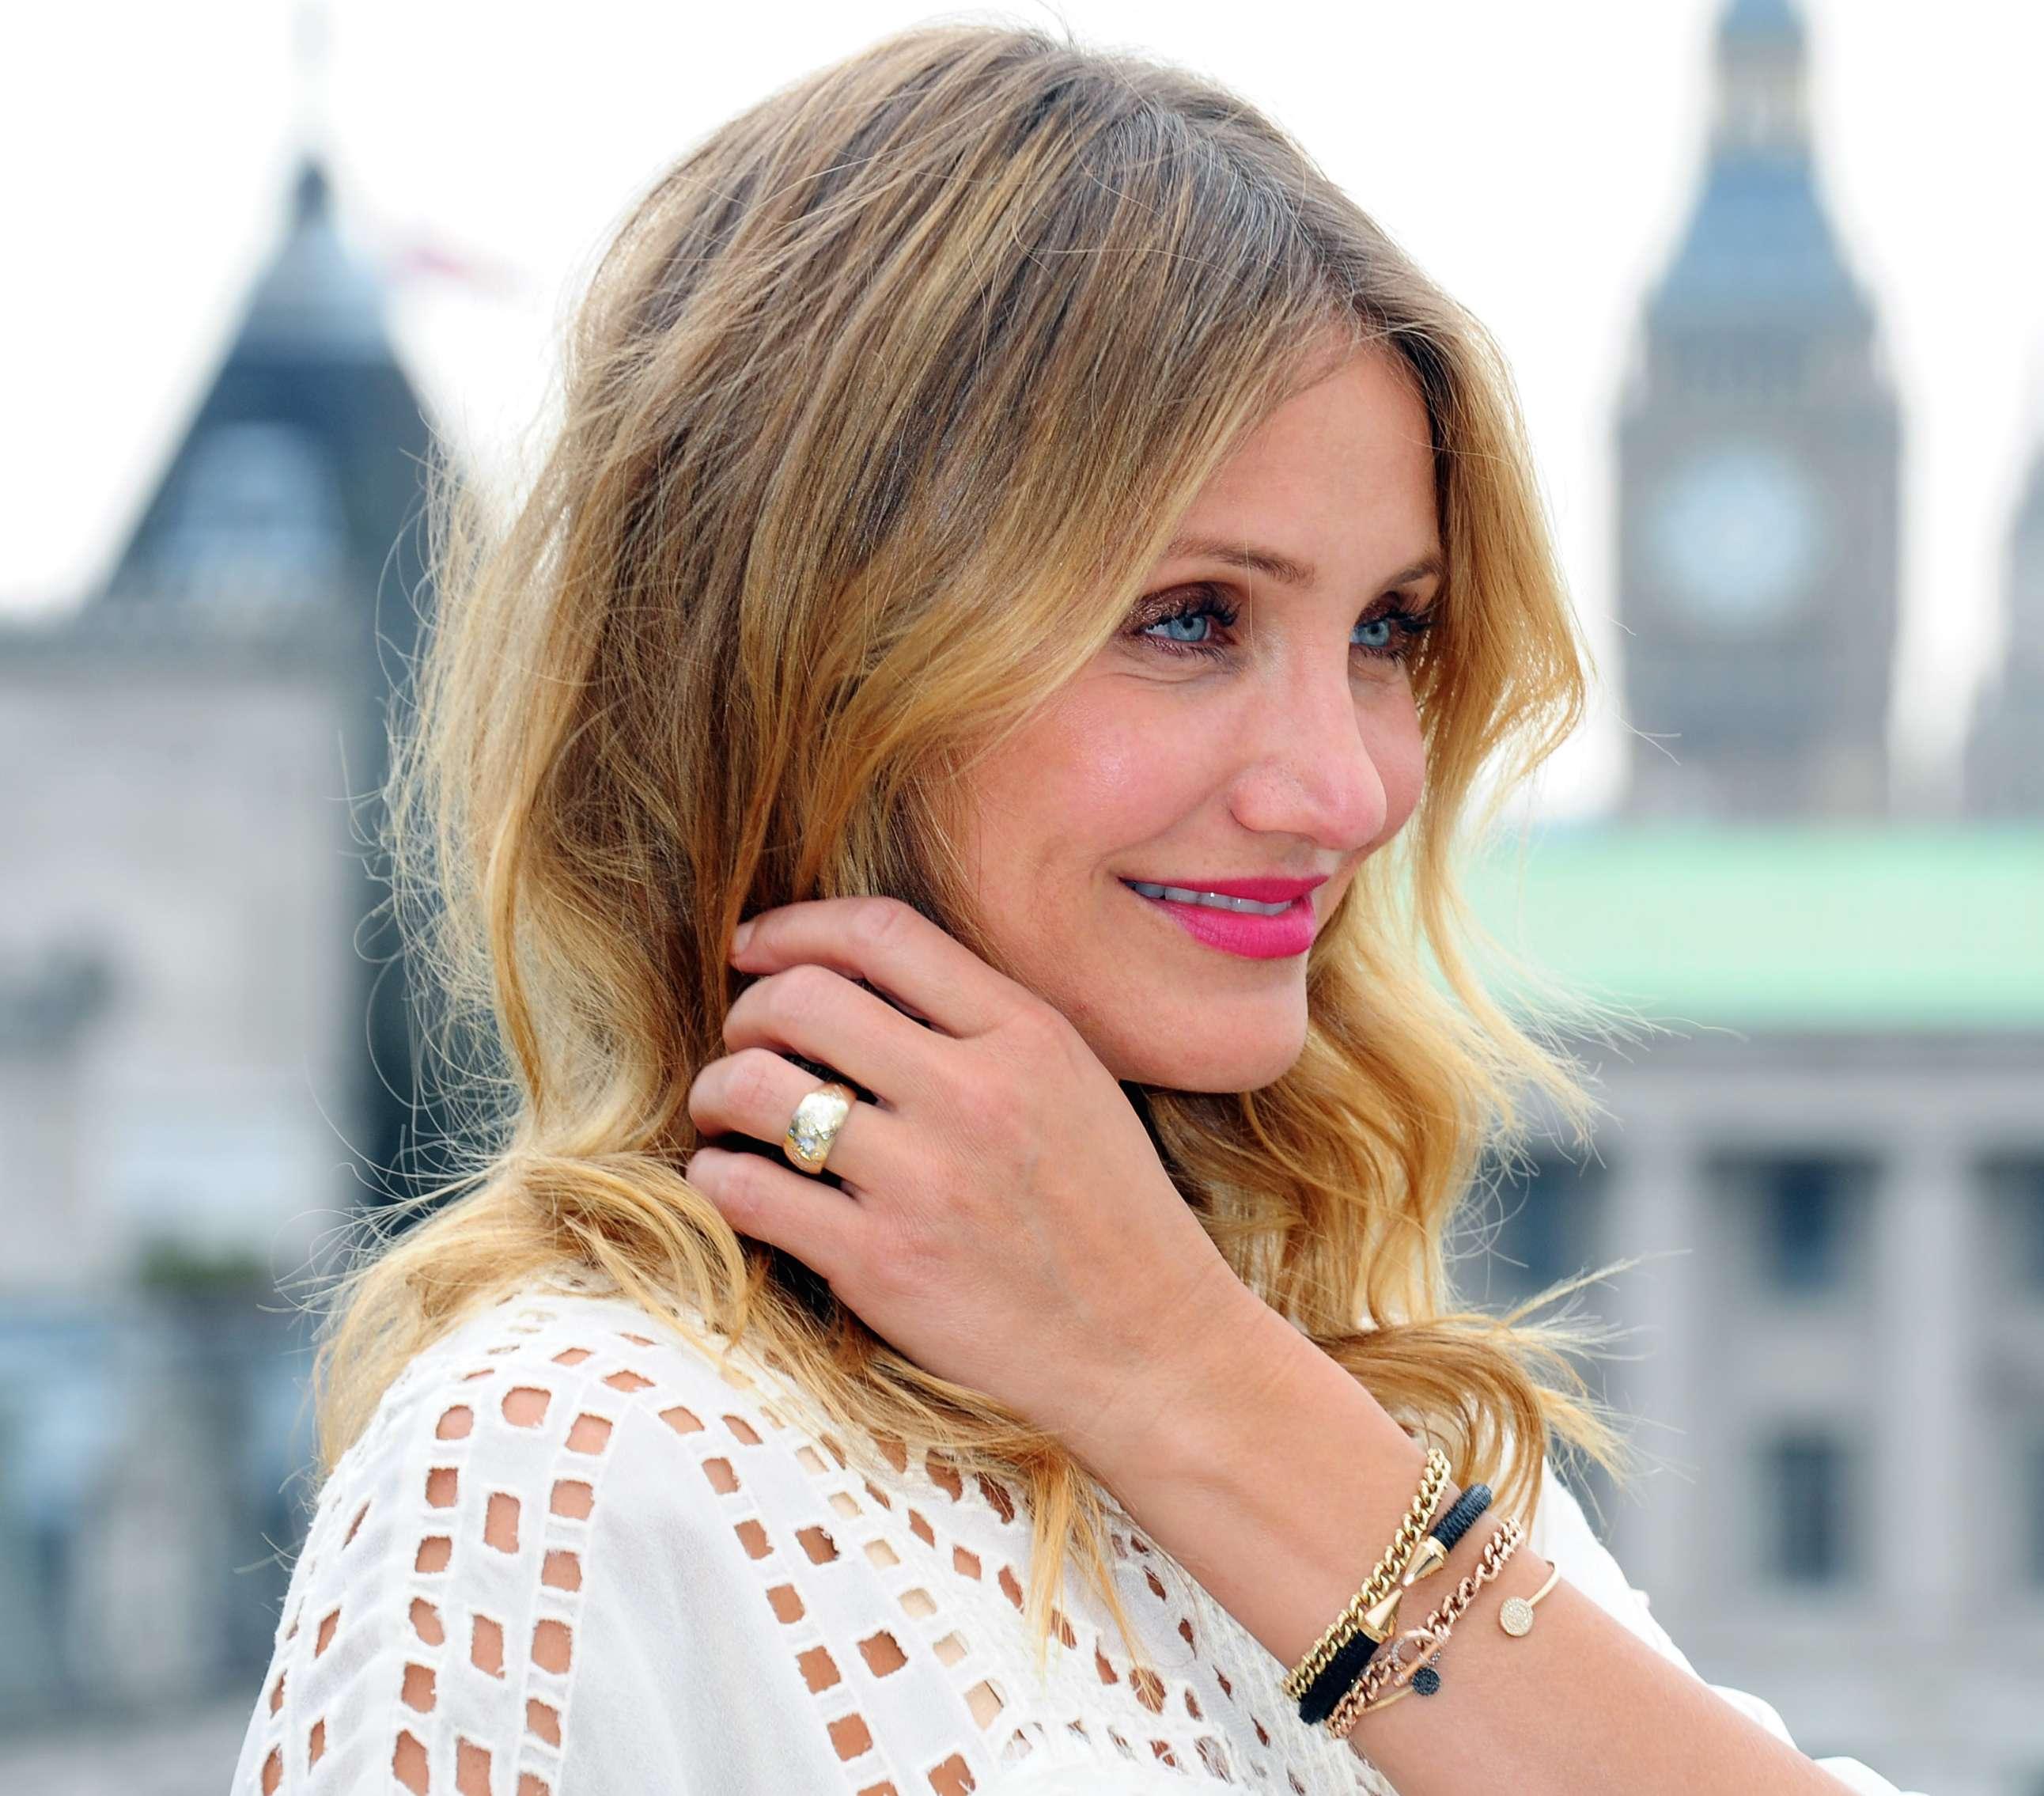 Durante los últimos meses, Cameron luce un anillo que se dice es de compromiso. Foto: Getty Images